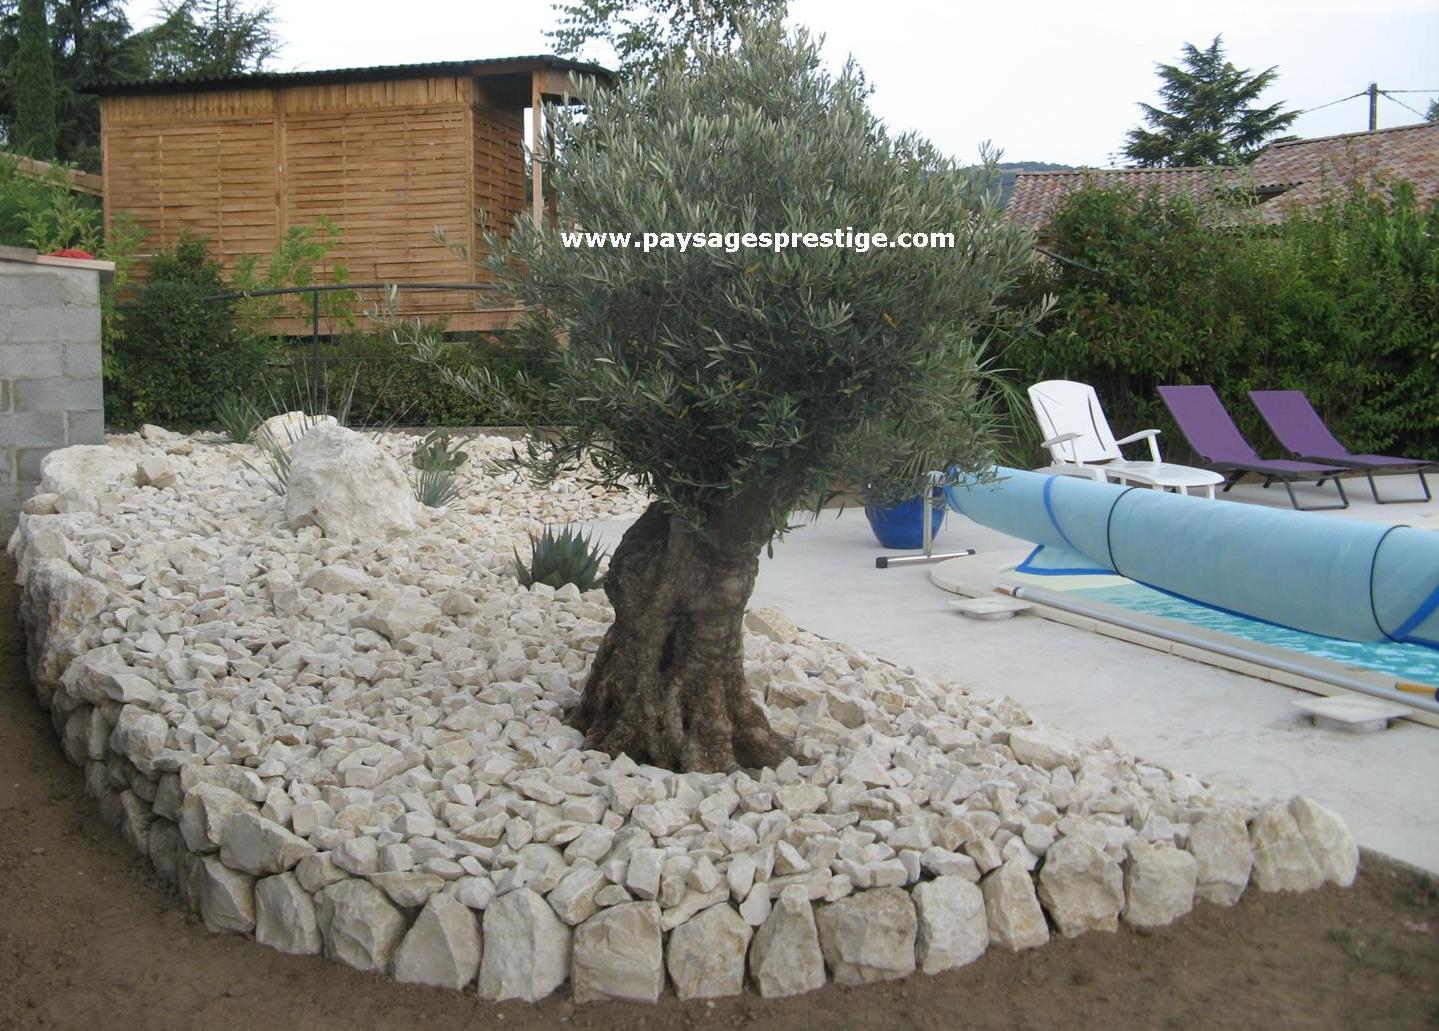 Paysagiste dr me ard che paysages prestige creations for Ambiance jardin paysagiste